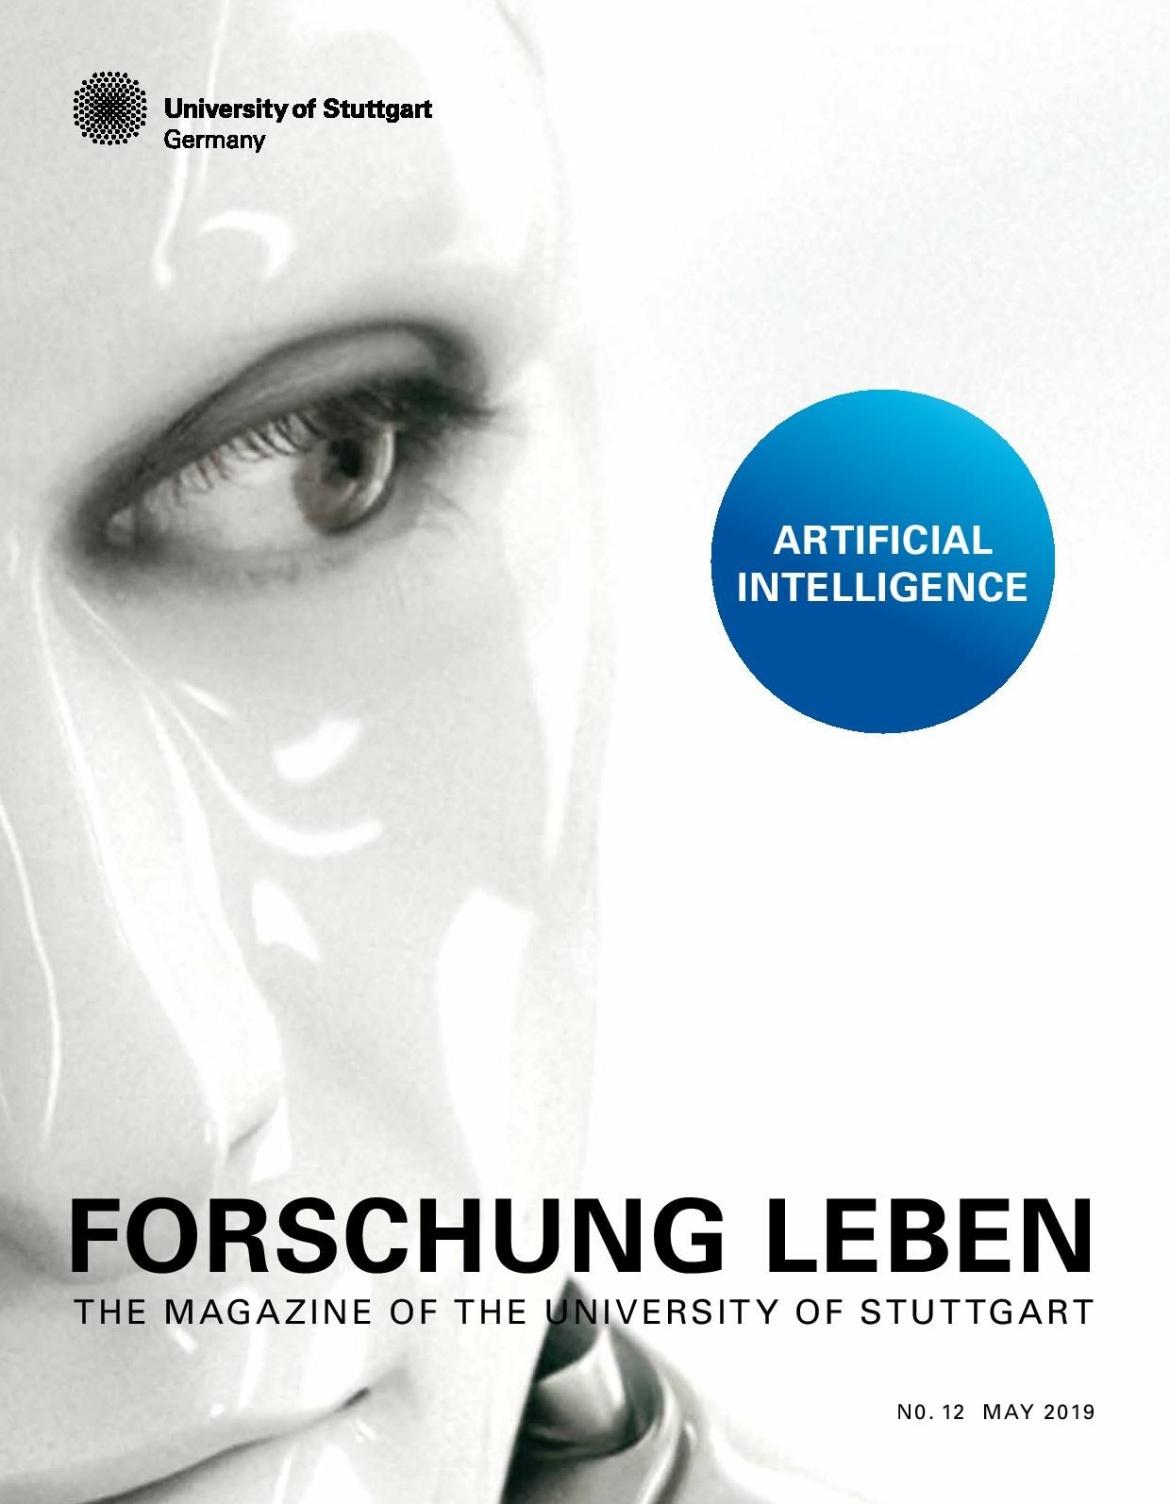 Cover of the Magazine Forschung Leben shows a robot.